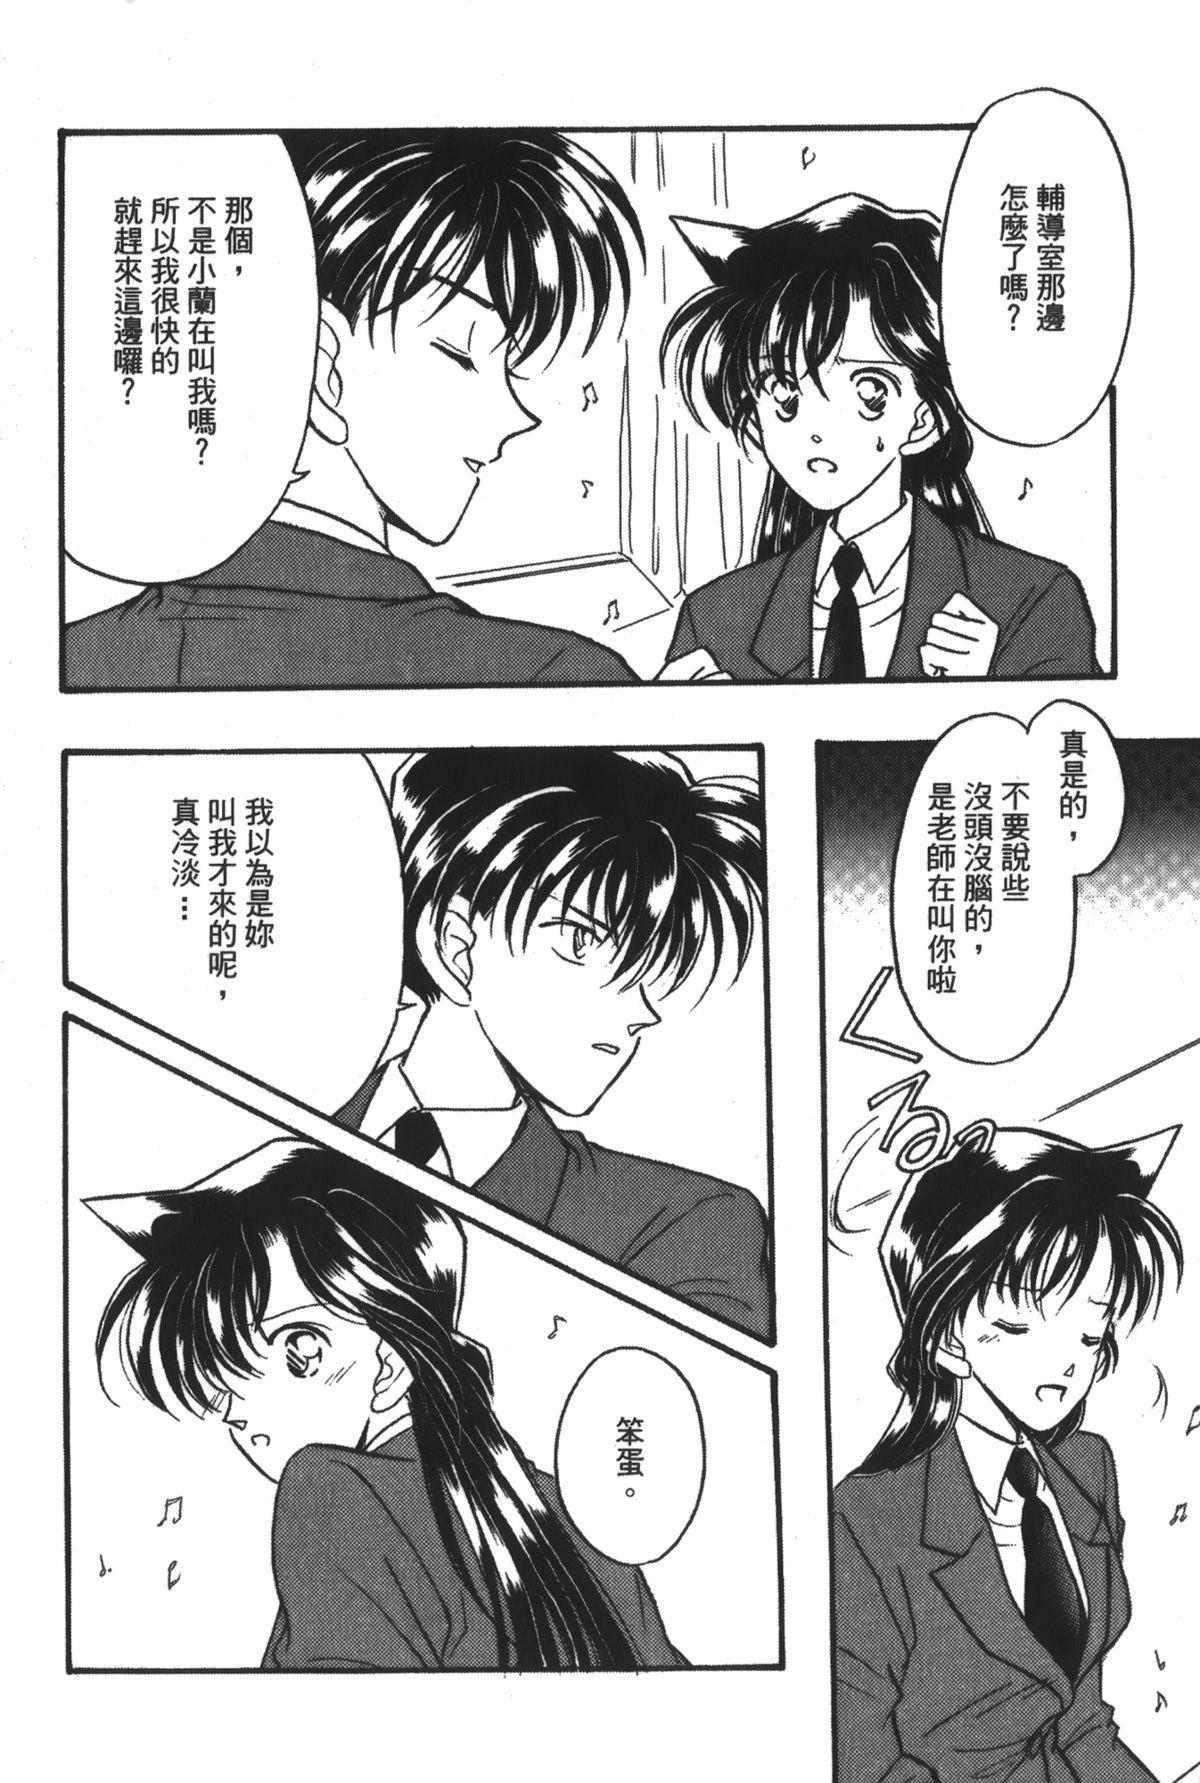 Detective Assistant Vol. 14 52